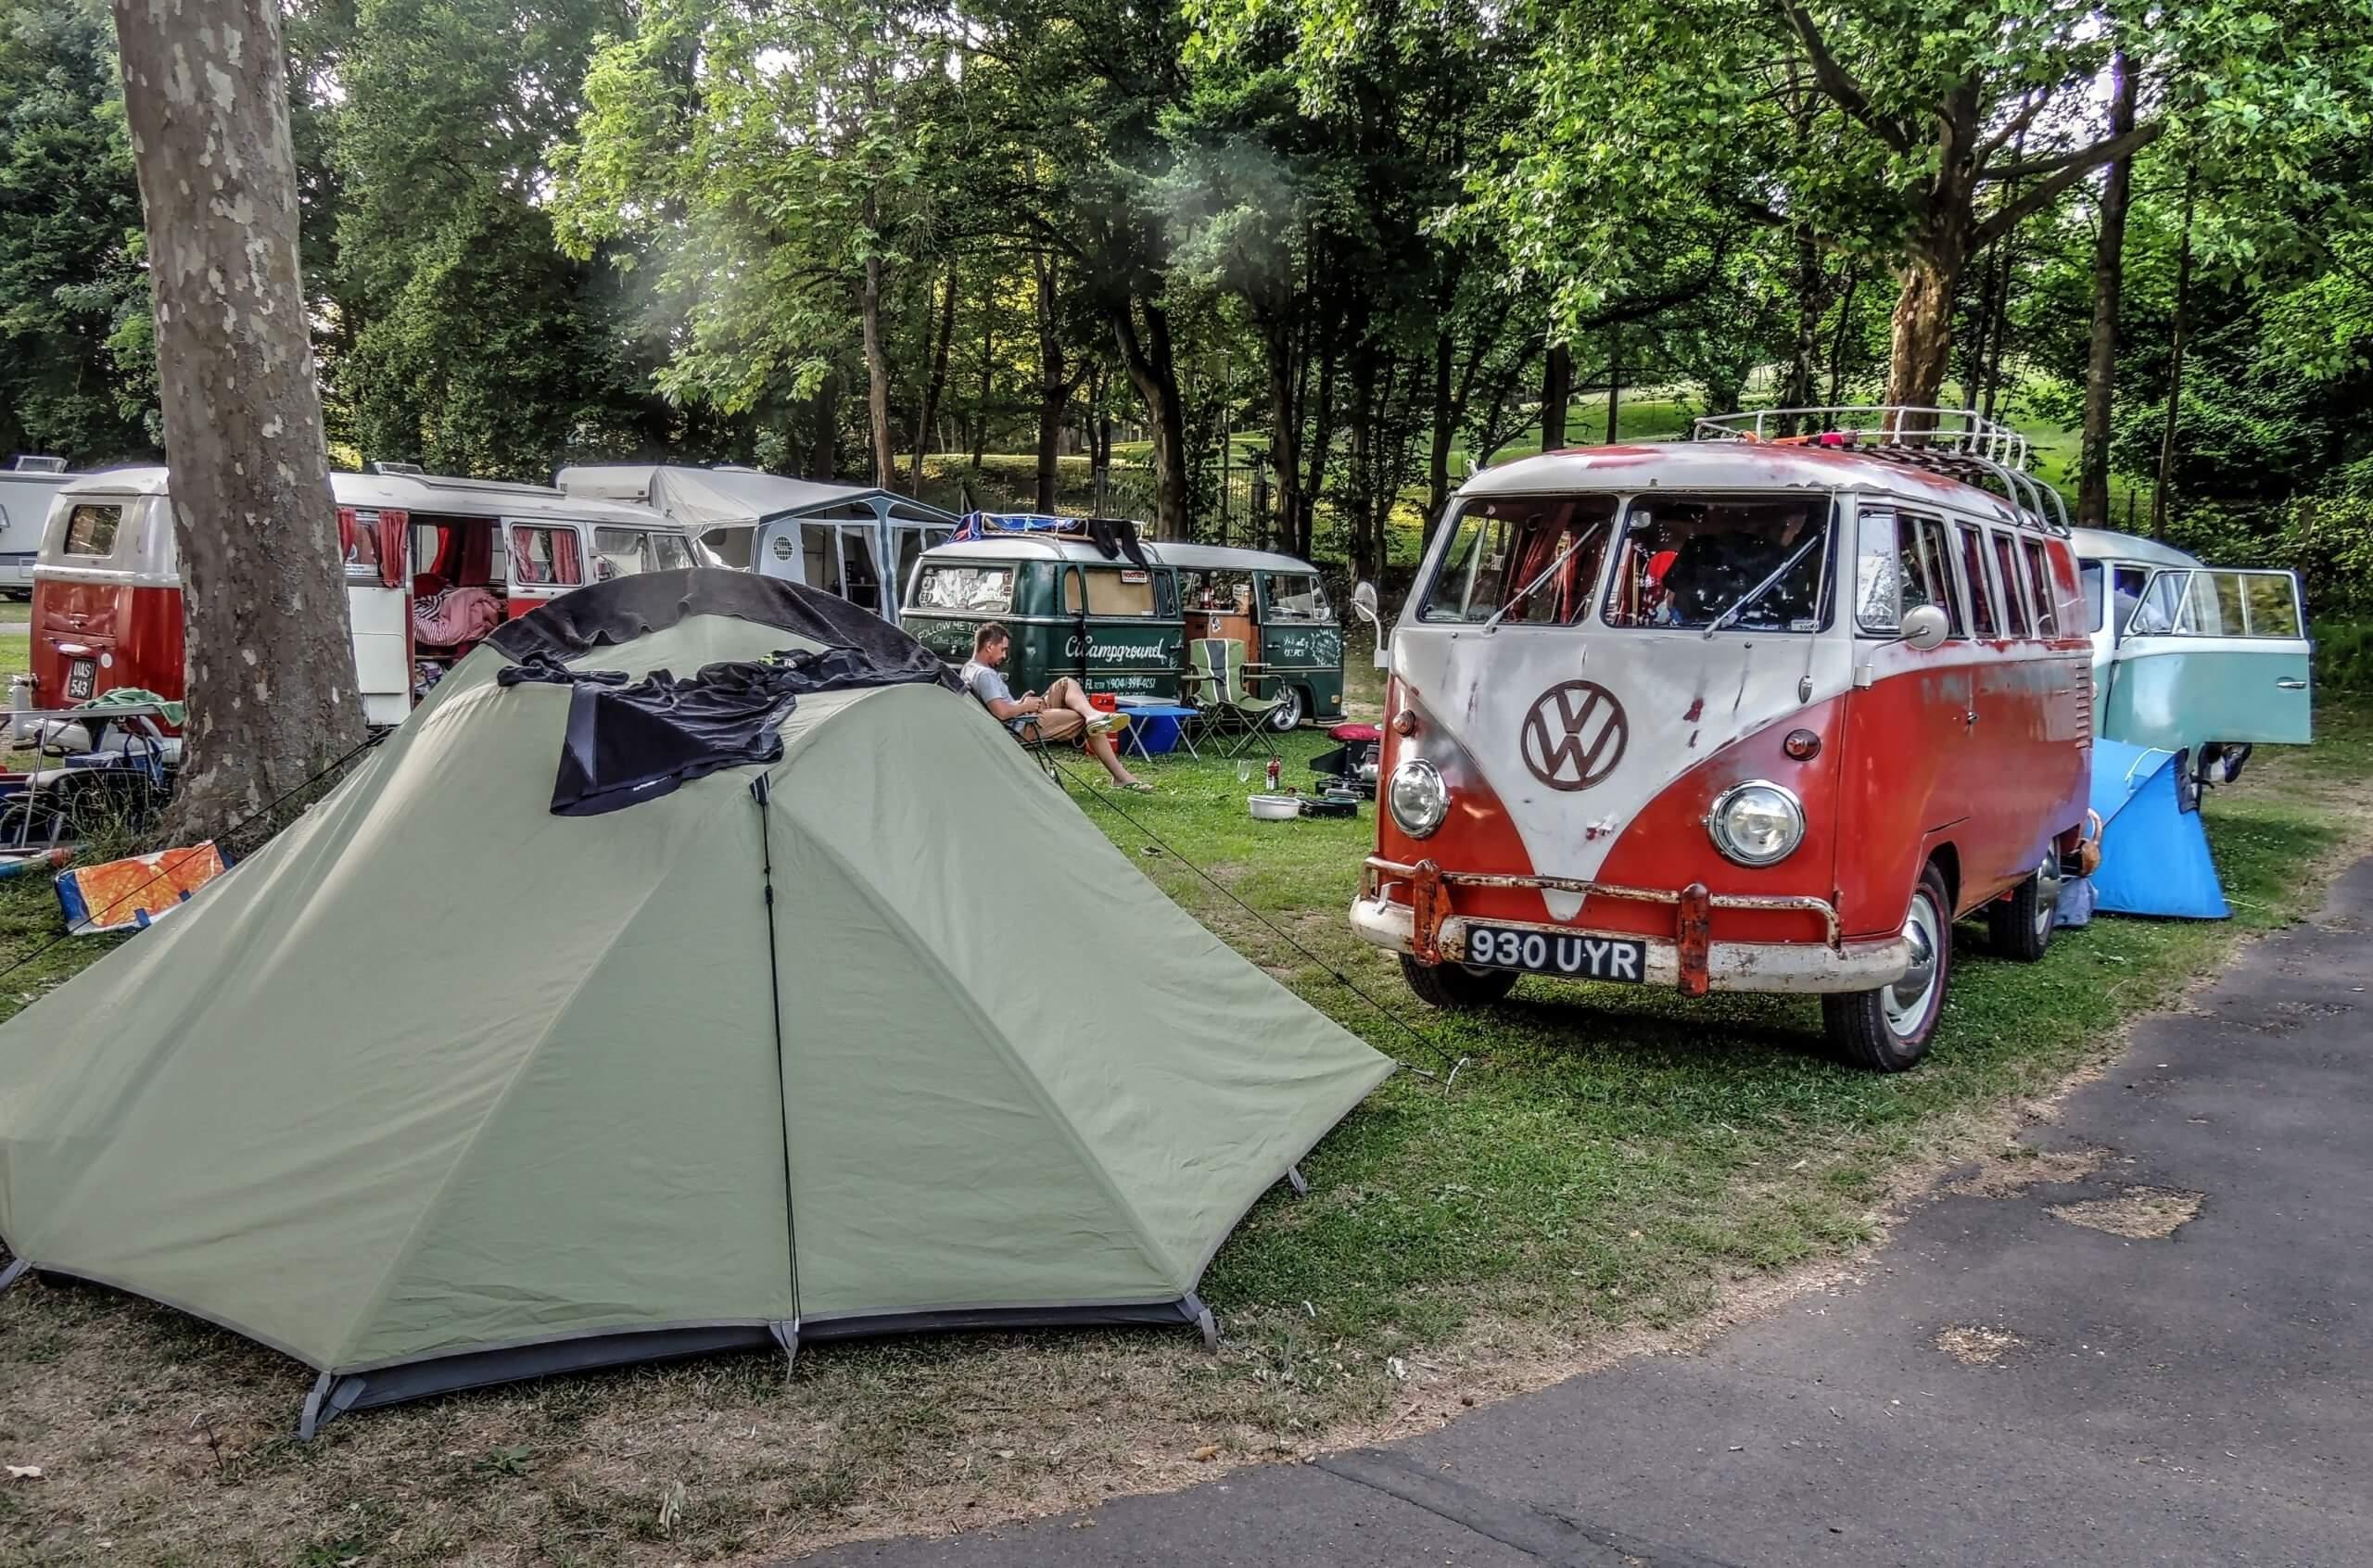 kampeer spullen opslaan veilig en droog in friesland